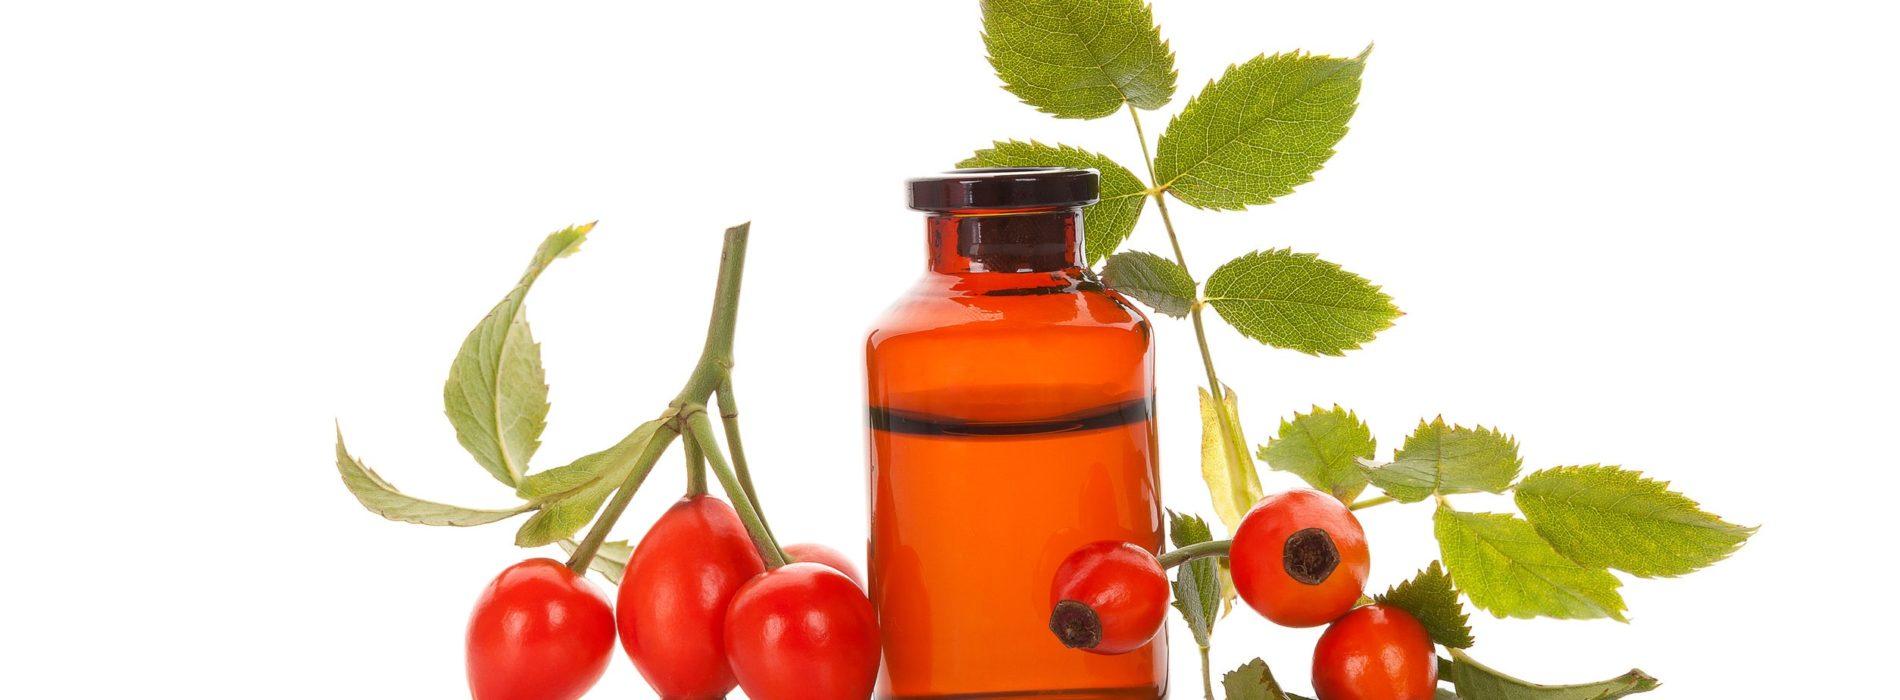 Olej z dzikiej róży – Właściwości, zastosowanie i opinie